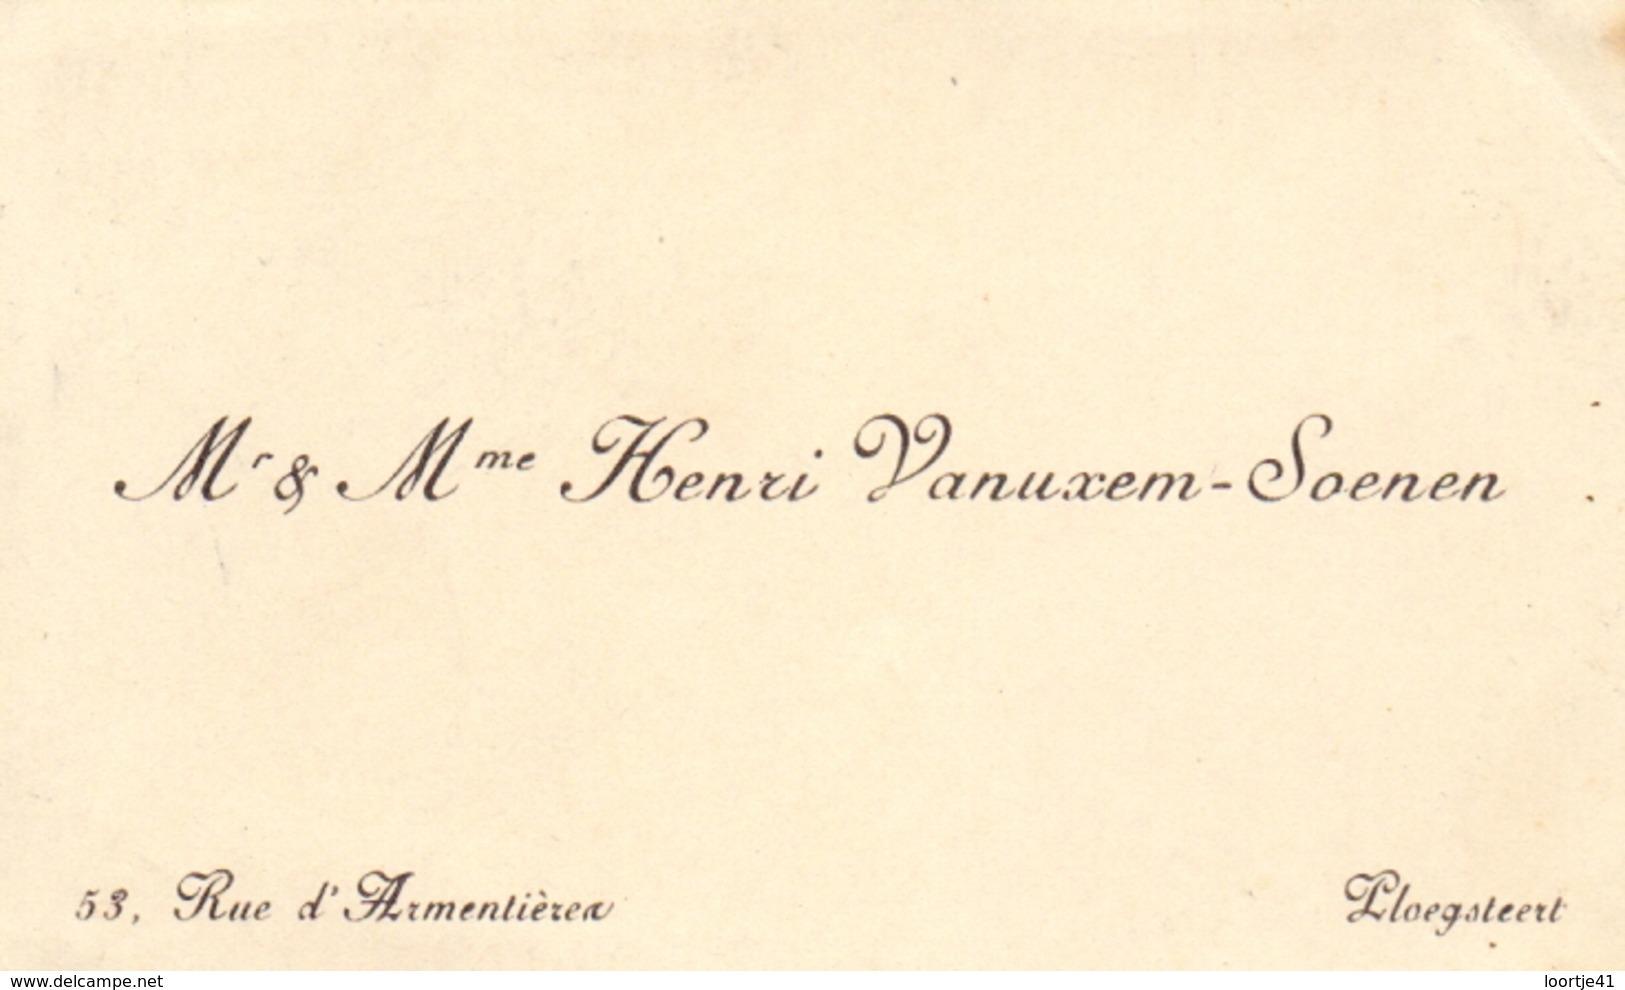 Visitekaartje - Carte Visite - Mr & Mme Henri Vanuxem - Soenen - Ploegsteert - Cartes De Visite